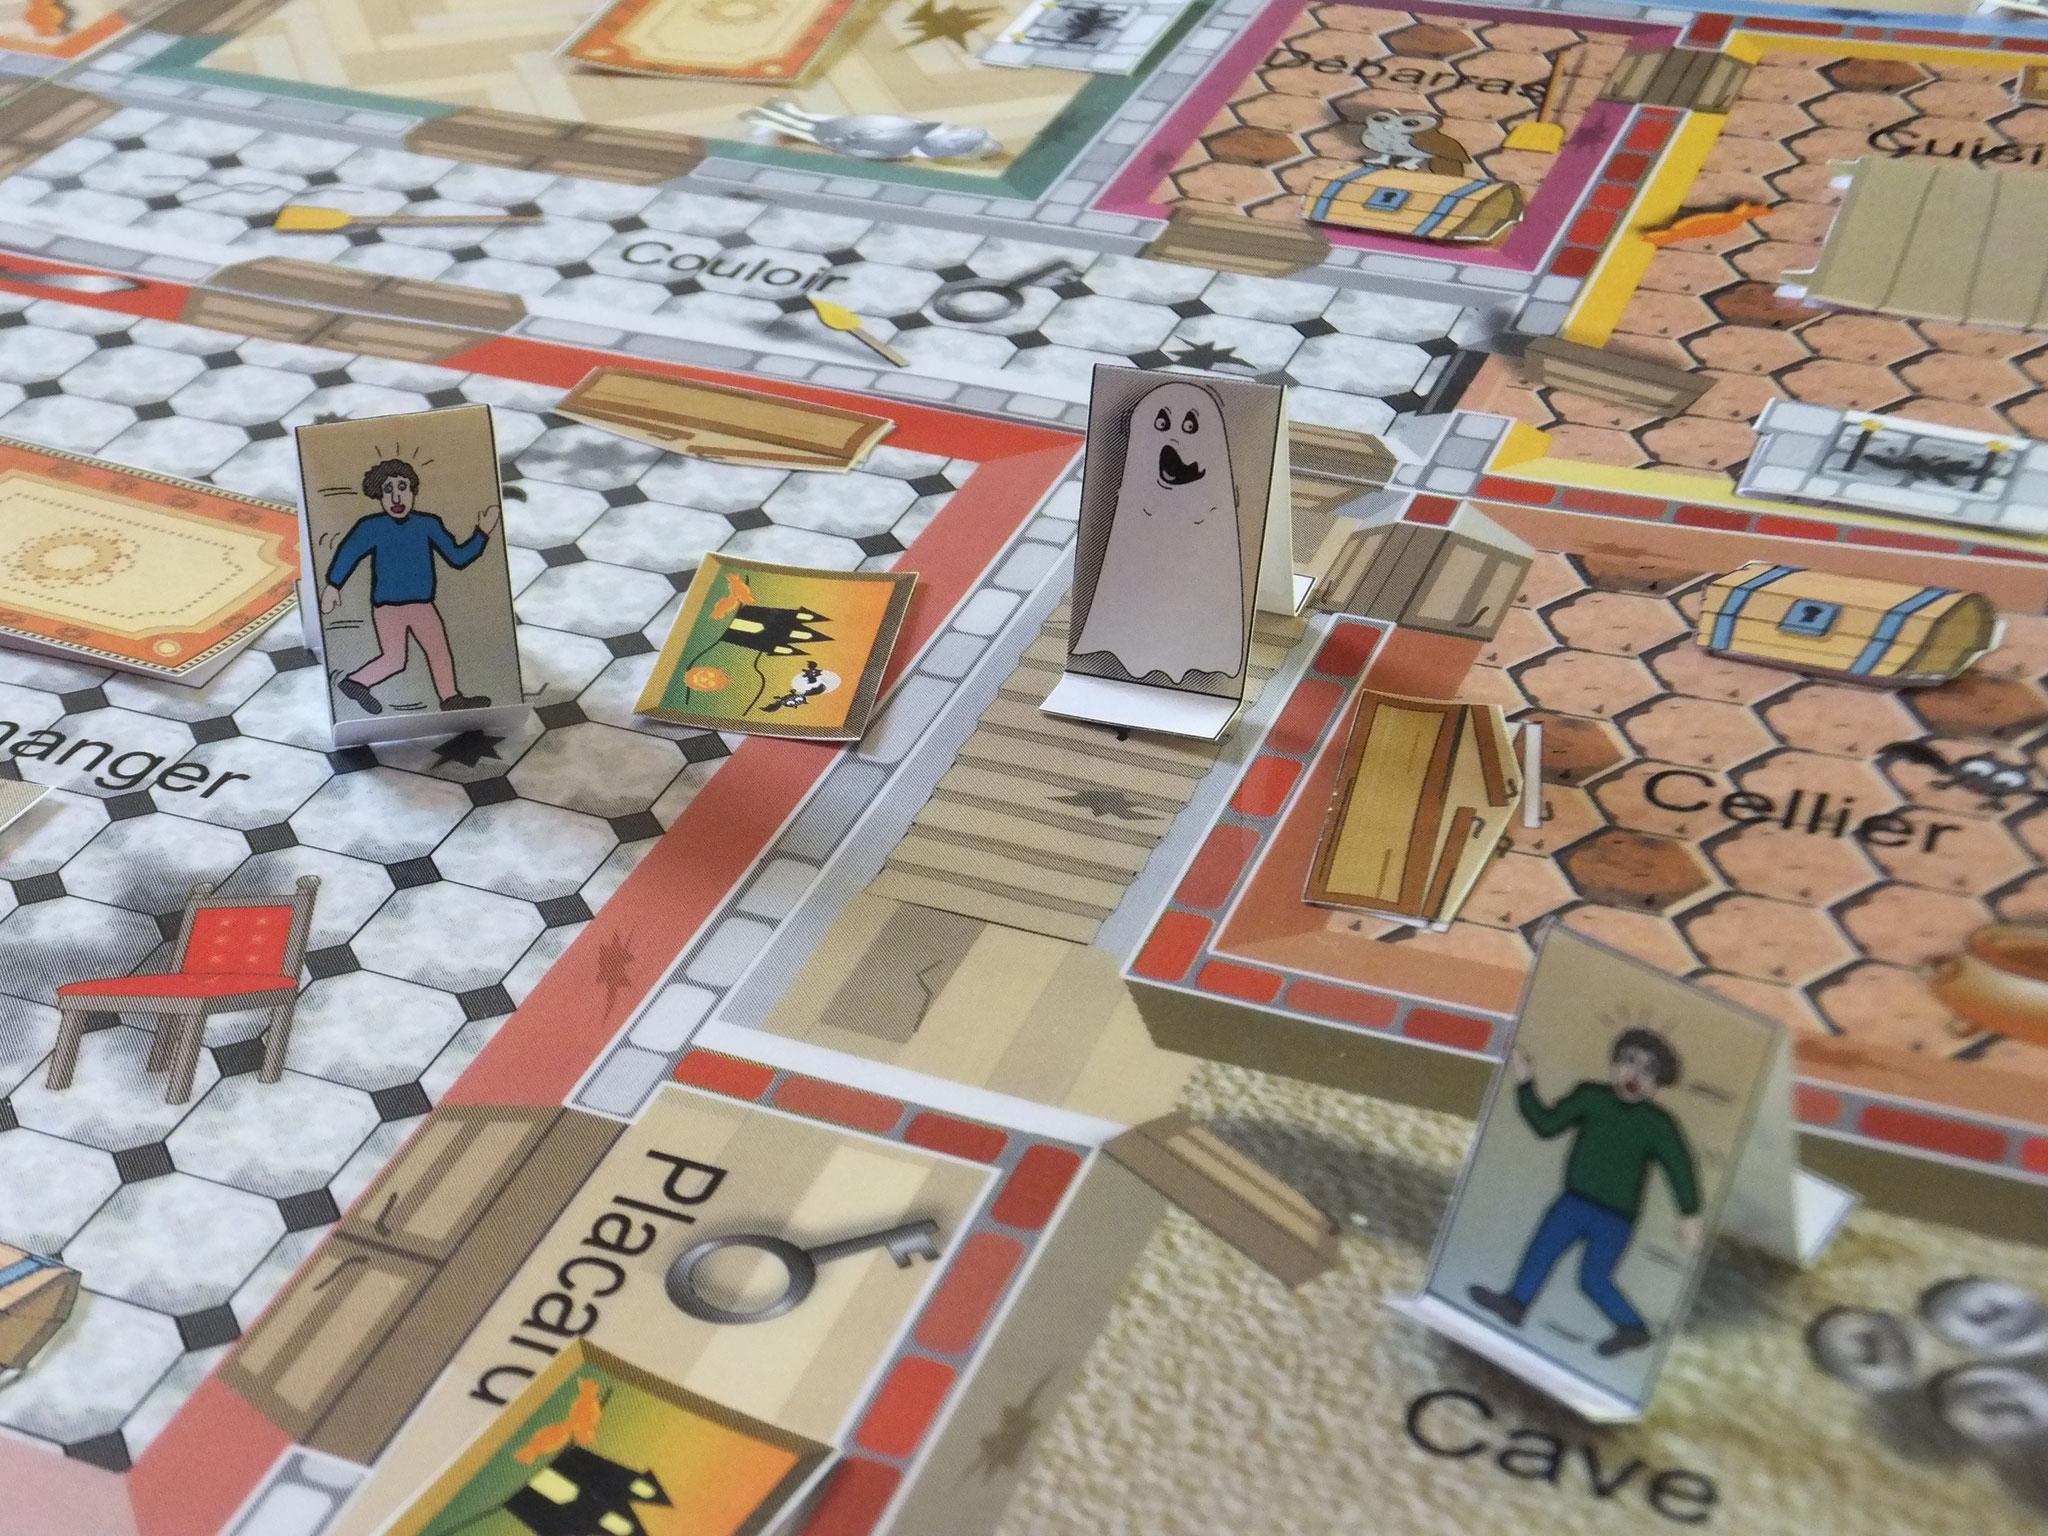 Jeux A Imprimer Pour Enfants, Famille, Ludiques, Éducatifs à Jeux De Maternelle À Imprimer